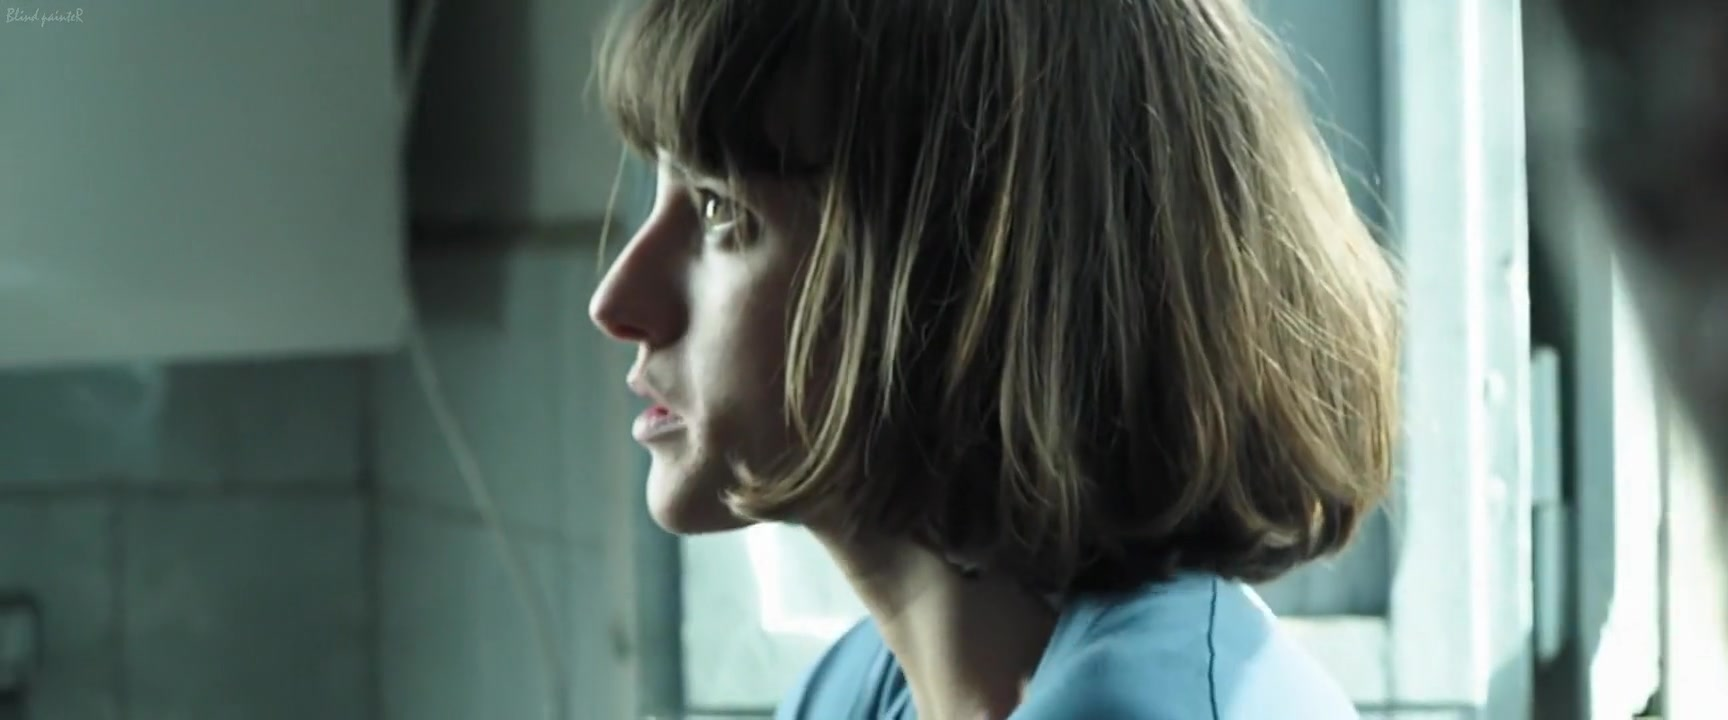 Hope Lost 2015 Francesca Agostini, Alessia Navarro